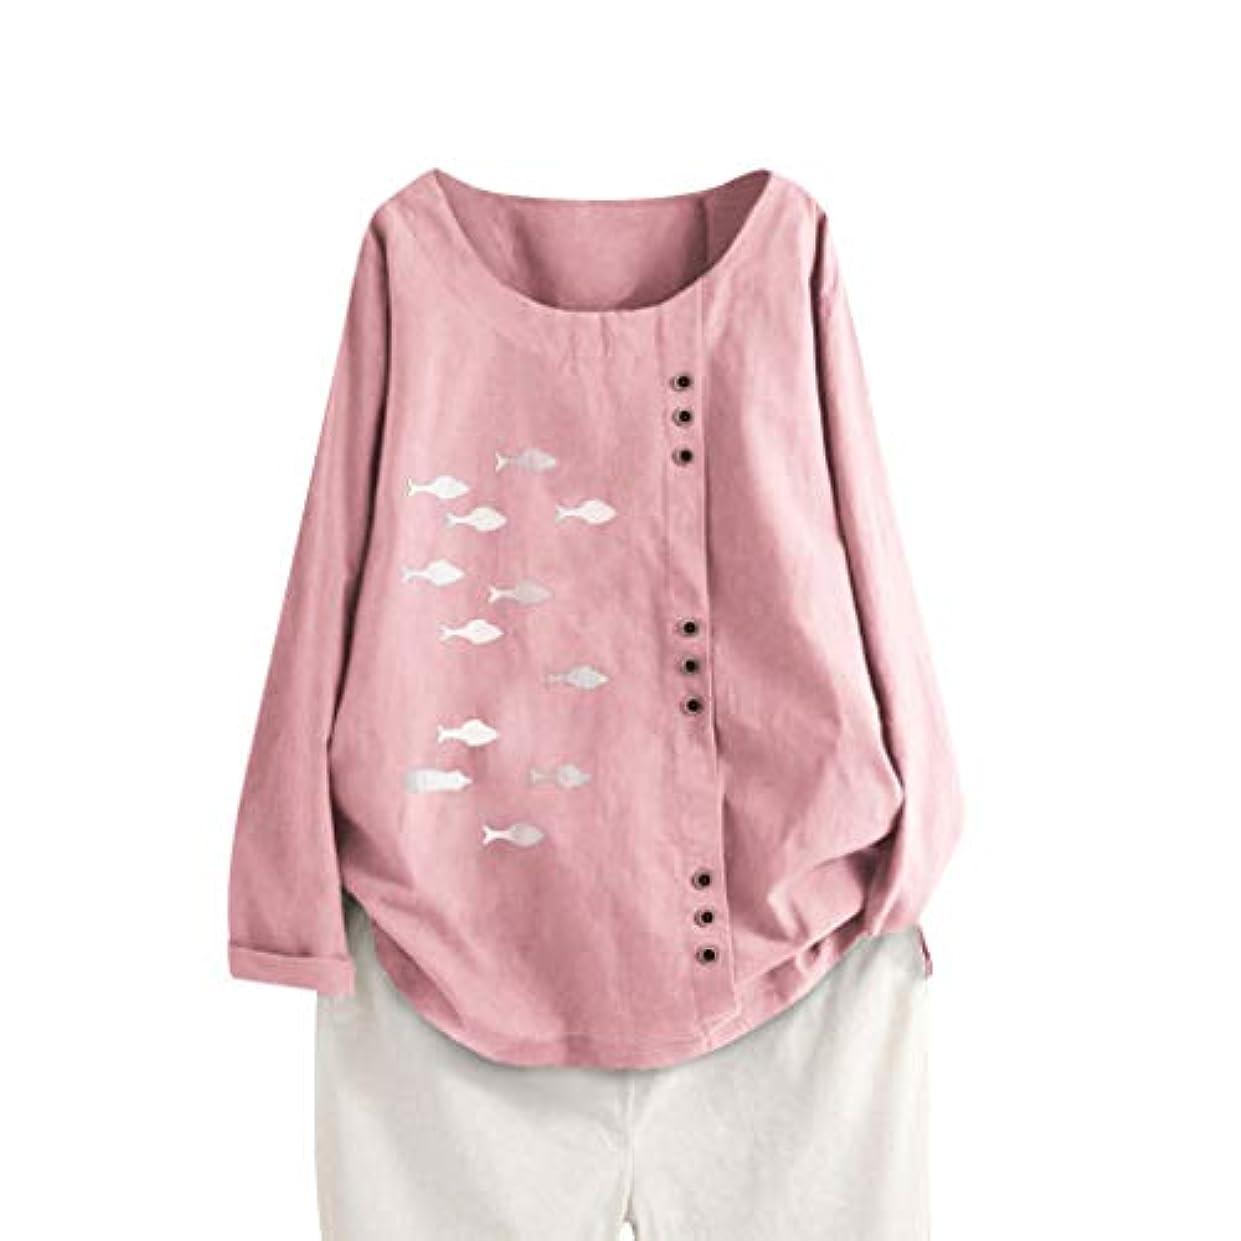 愚か調子申し立てられたAguleaph レディース Tシャツ おおきいサイズ 長袖 コットンとリネン 魚のパターン トップス 学生 洋服 お出かけ ワイシャツ 流行り ブラウス 快適な 軽い 柔らかい かっこいい カジュアル シンプル オシャレ...